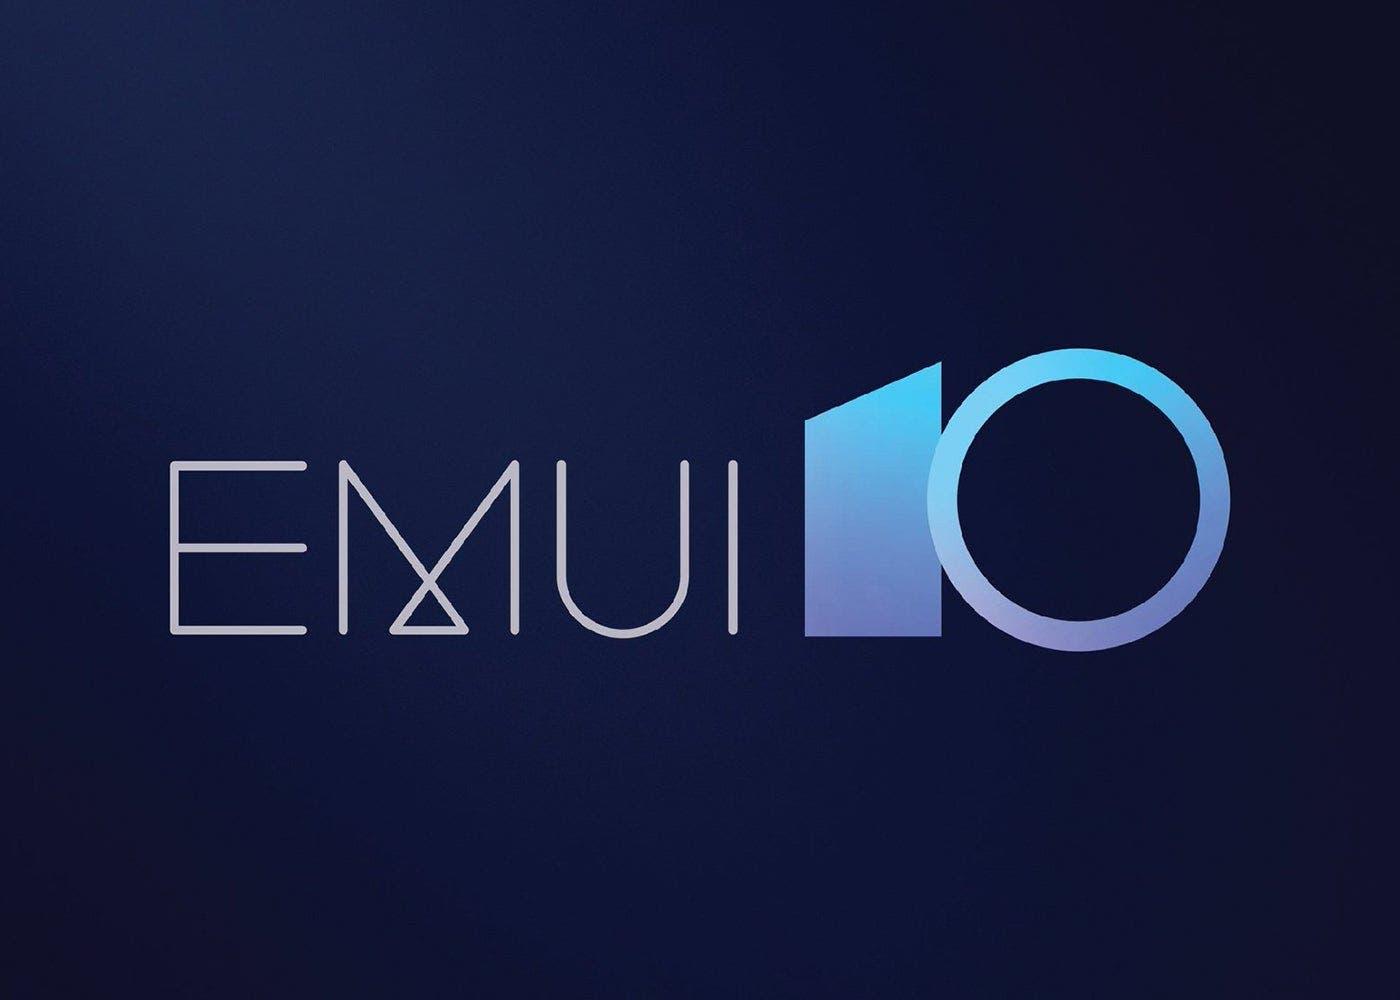 Официально: EMUI 10 выйдет на Huawei P20 Pro и Mate 10 (emui 10)